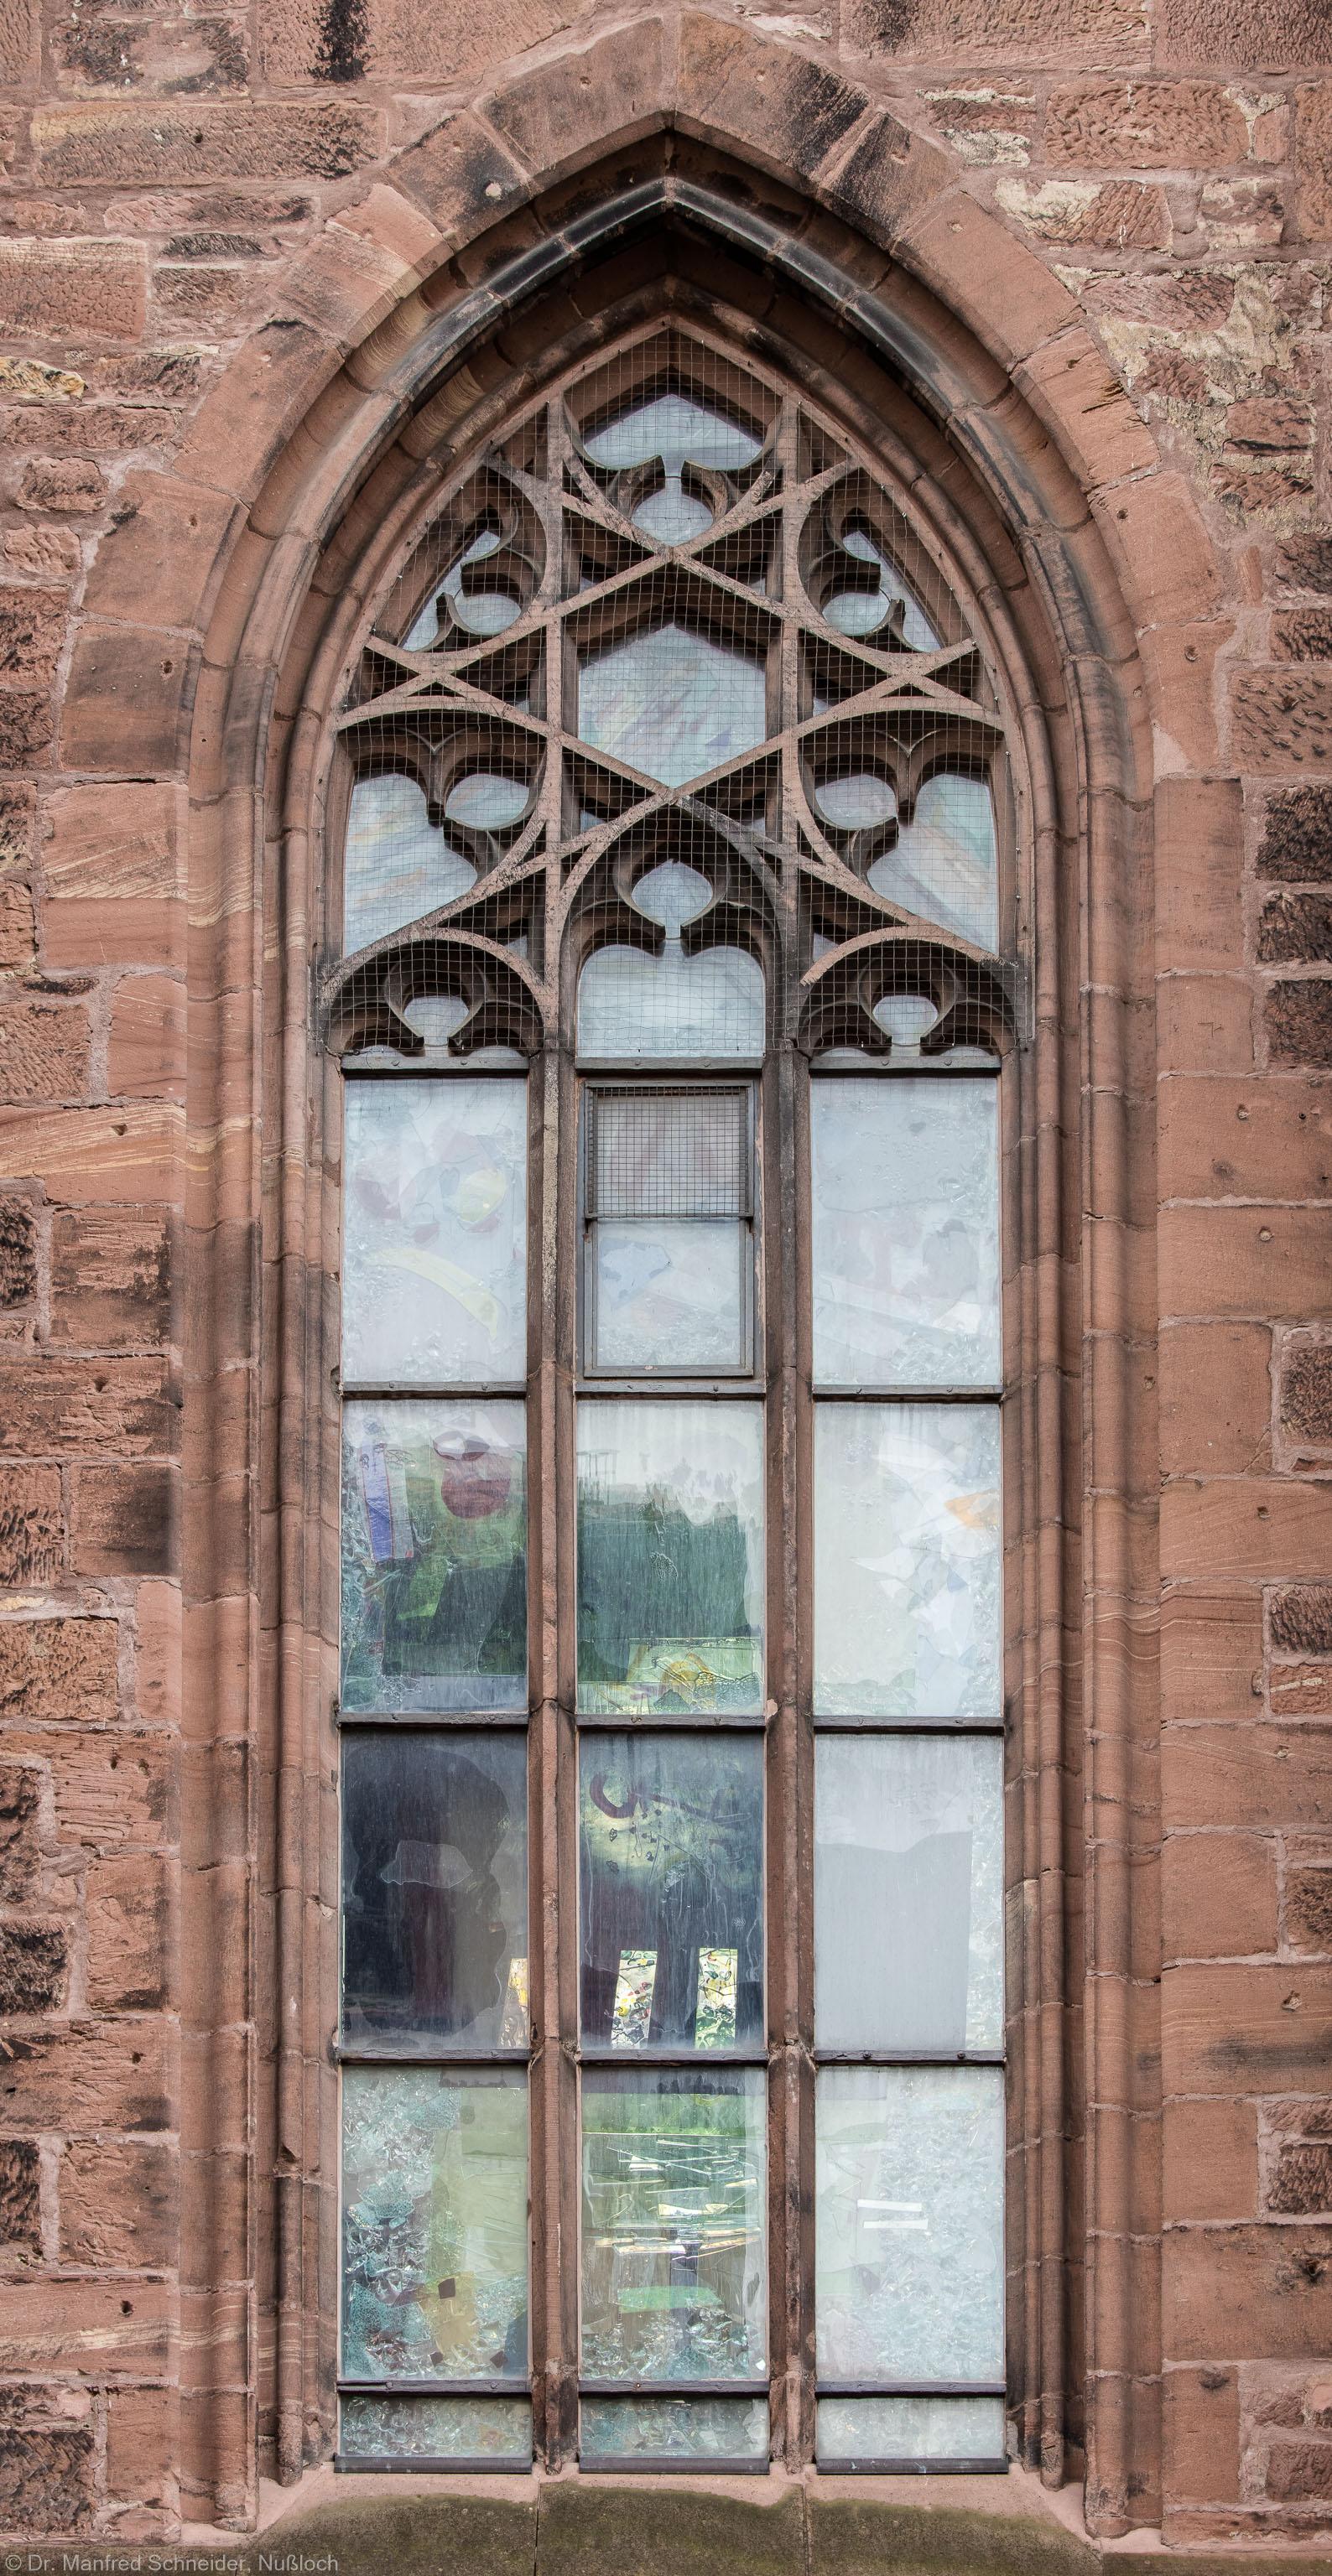 """Heidelberg - Heiliggeistkirche - Nordseite - 6. Fenster des Nordschiffs, von Westen aus gezählt - Blick auf das Fenster """"Schöpfungsgeschichte - Der Baum der Erkenntnis"""" von Hella De Santarossa (aufgenommen im Oktober 2015, um die Mittagszeit)"""